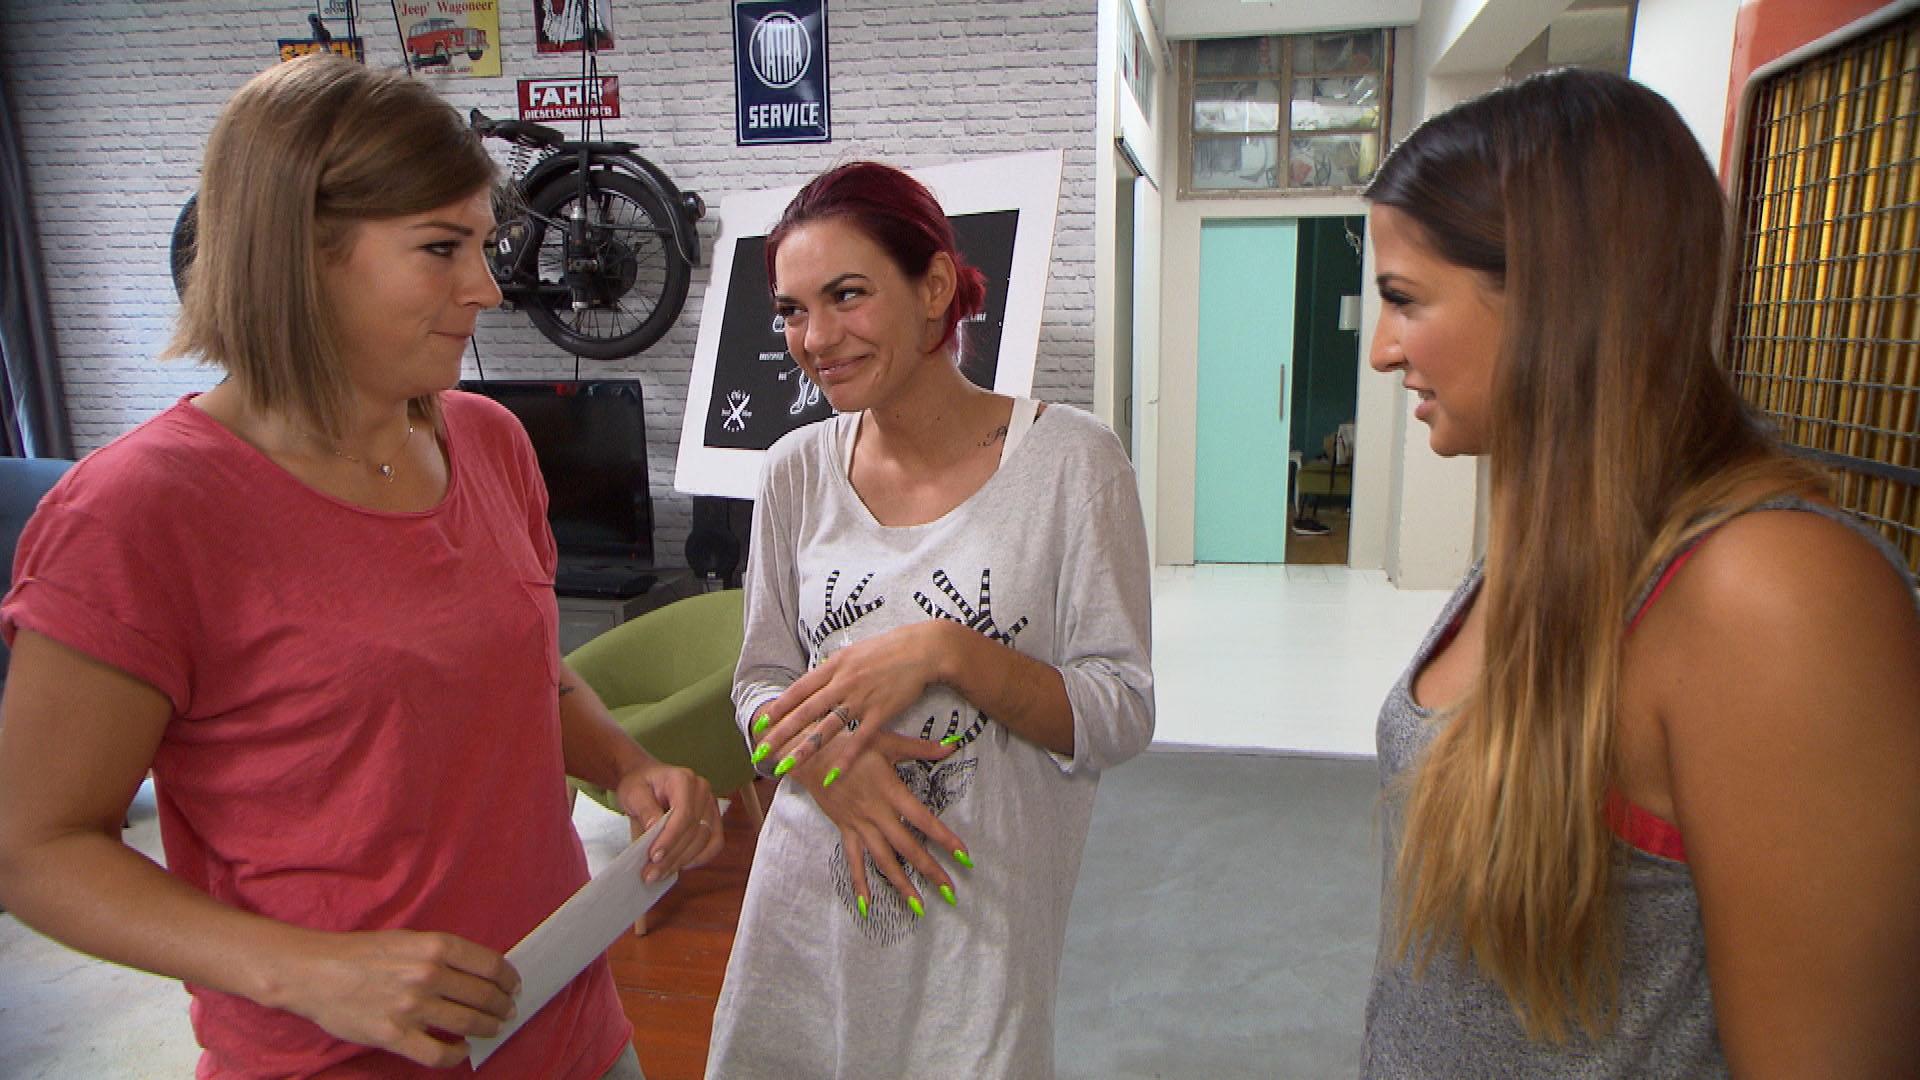 Als Ole und Fabrizio mal wieder Machosprüche machen, wollen (v.re.) Alessia, Jessica und Alina ihnen eine Lektion erteilen... (Quelle: RTL 2)